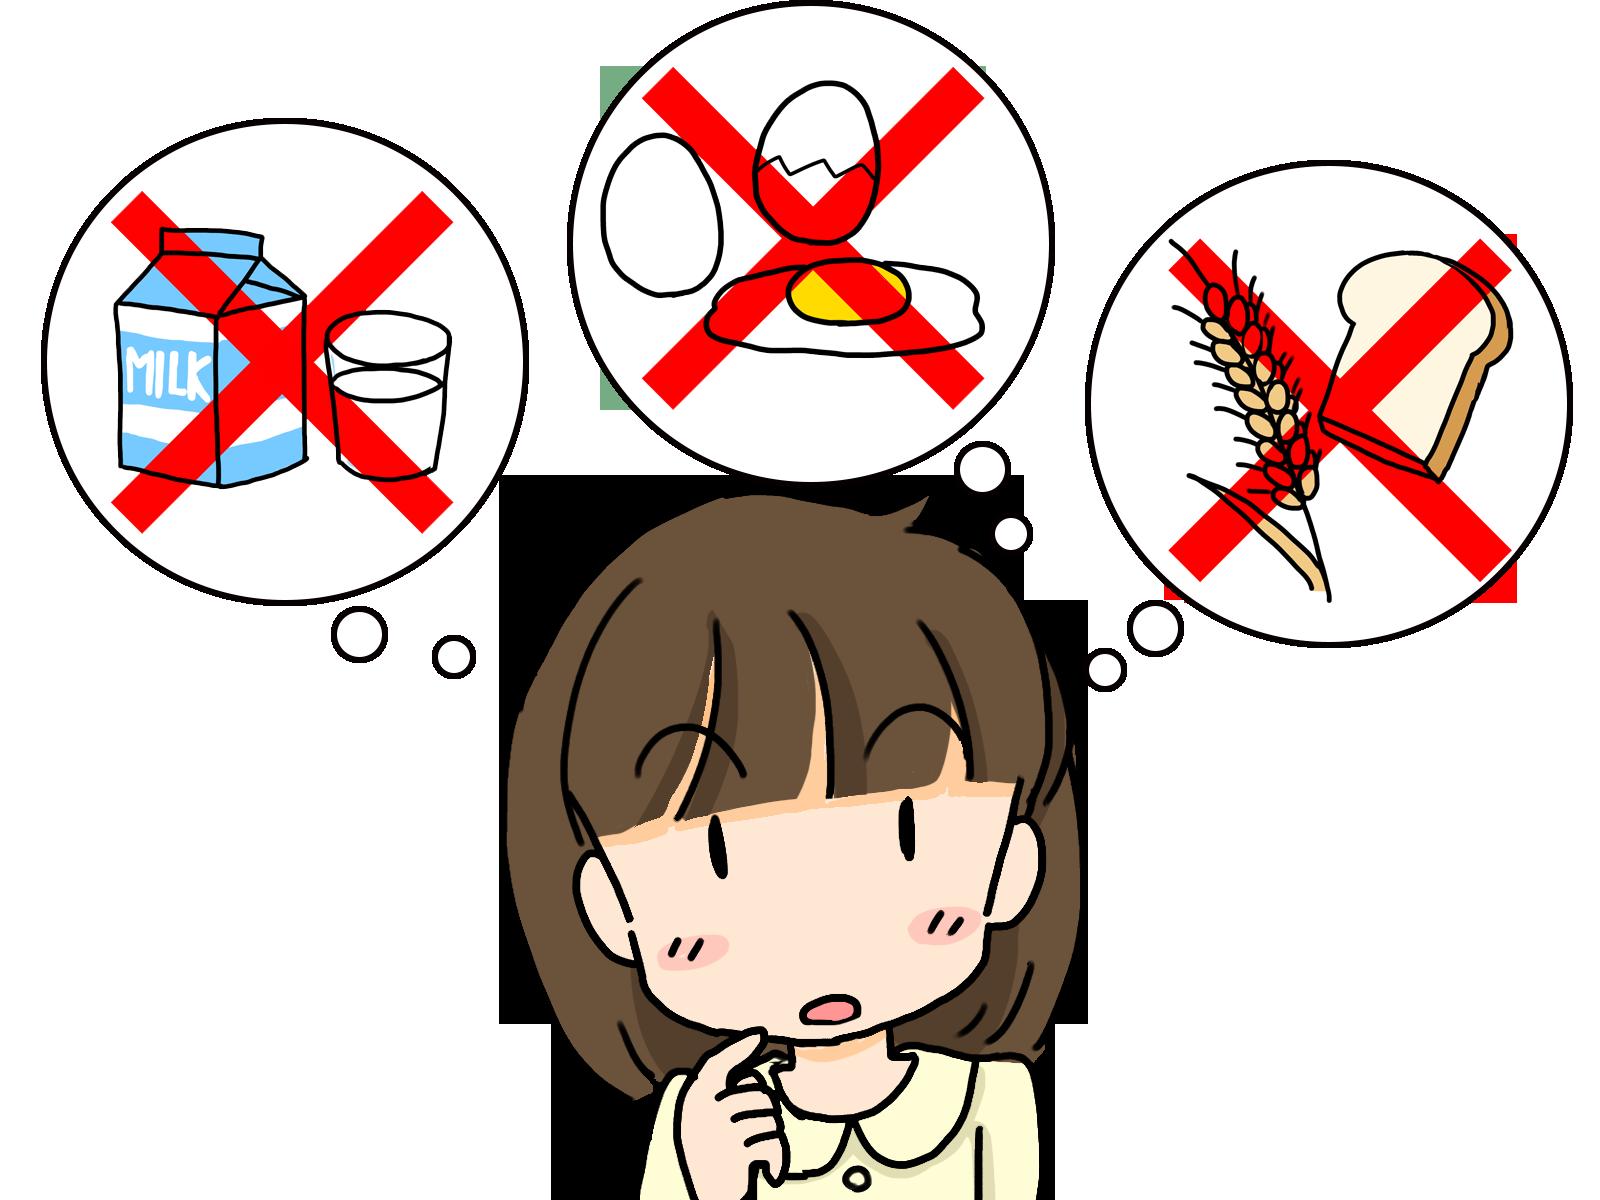 表示義務があるはずの食品に対する偶然の即時型アレルギー反応は、どれくらい起こっているか?